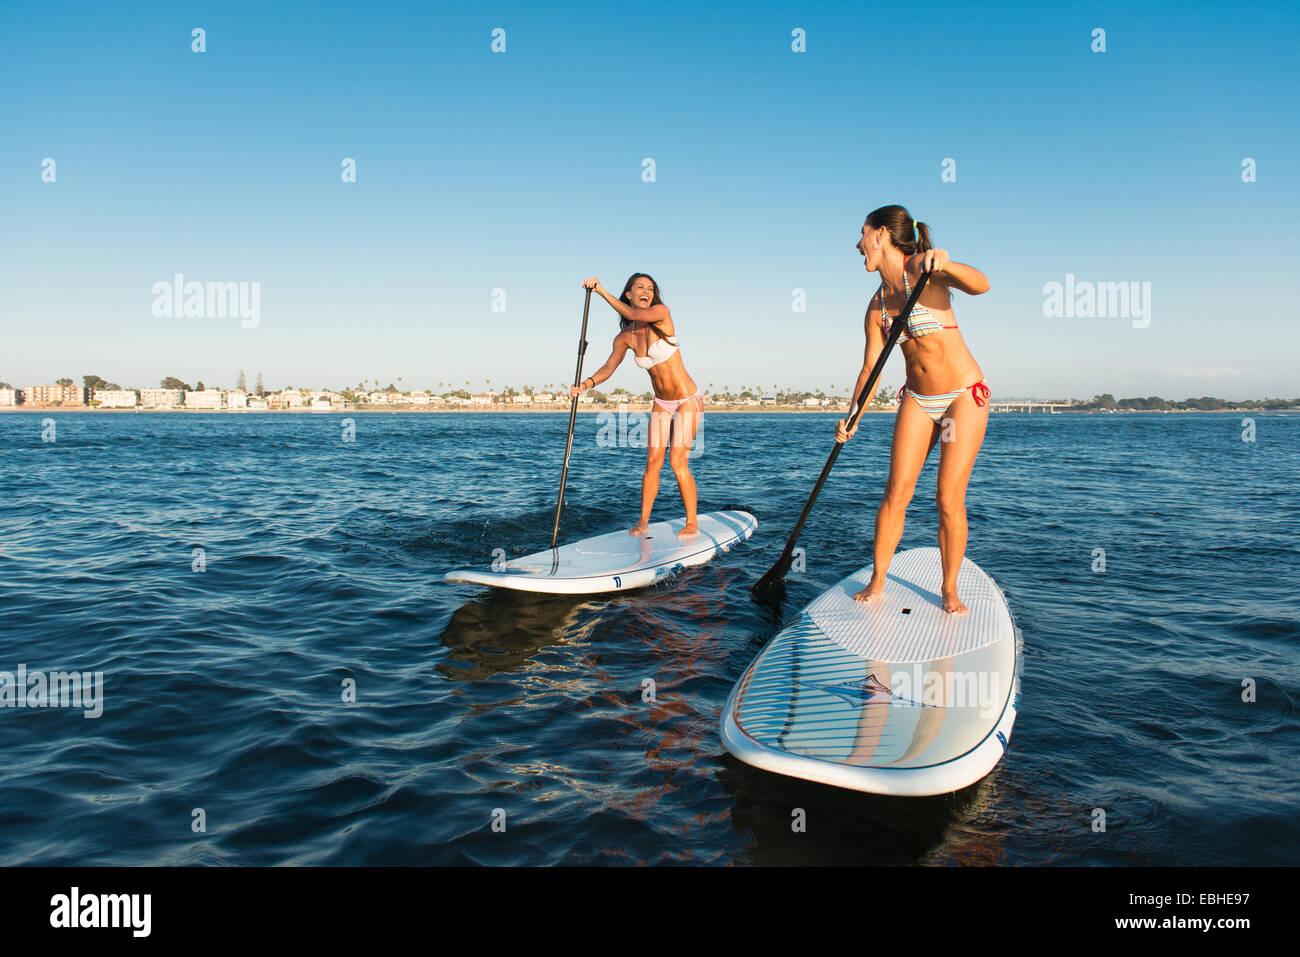 Dos mujeres que conversan mientras levántate paddleboarding, Mission Bay, San Diego, California, EE.UU. Imagen De Stock